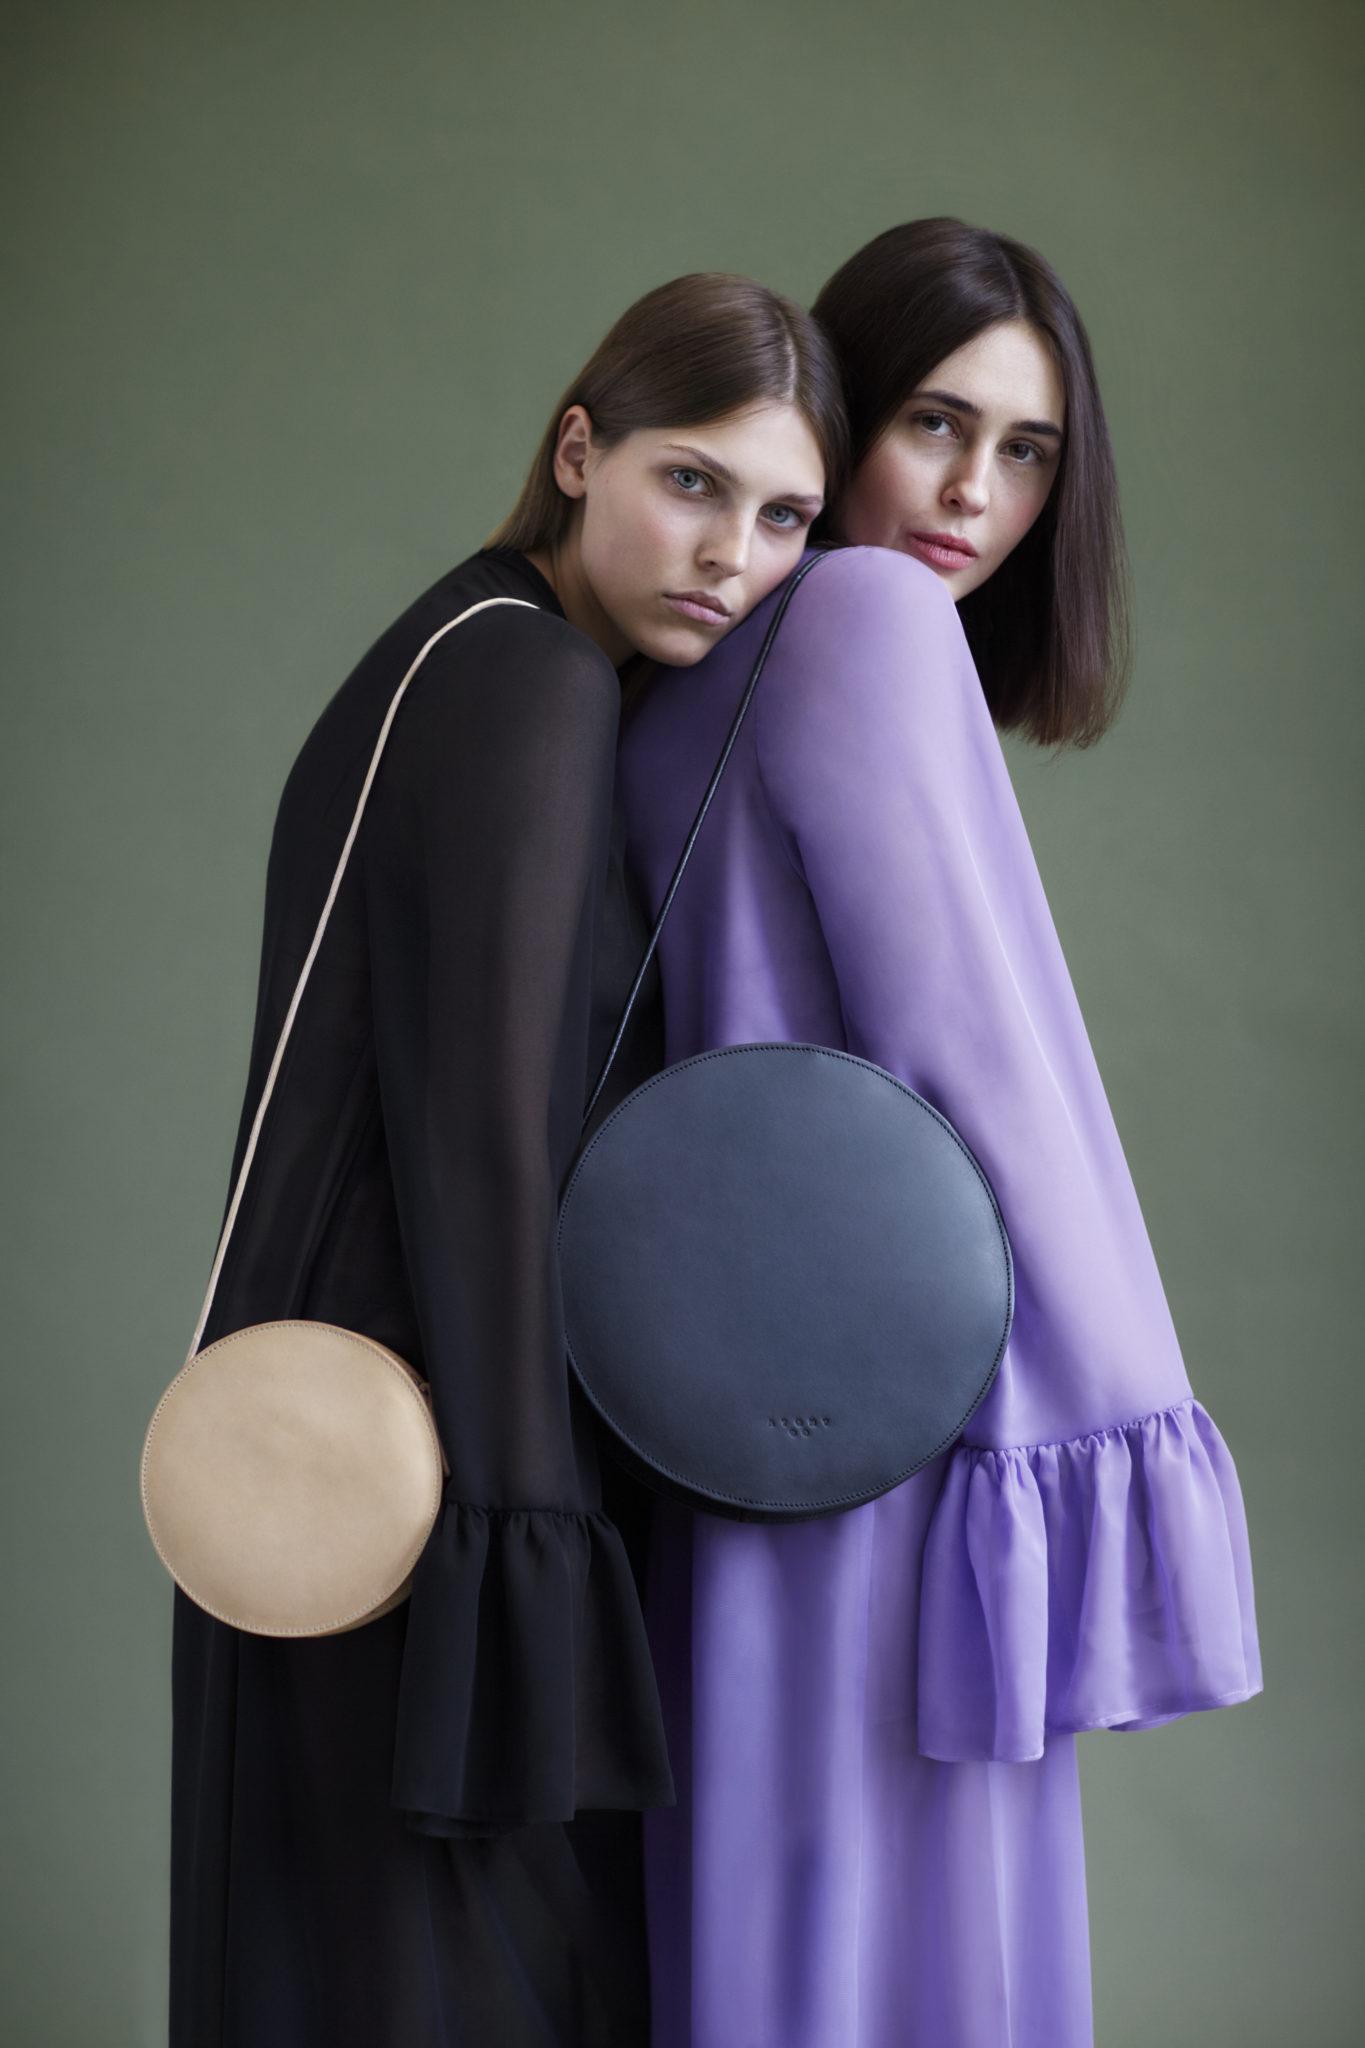 Na zdjeciu widzimy dwie dziewczyny oparte o siebie na ich ramionach wisza okragle torby